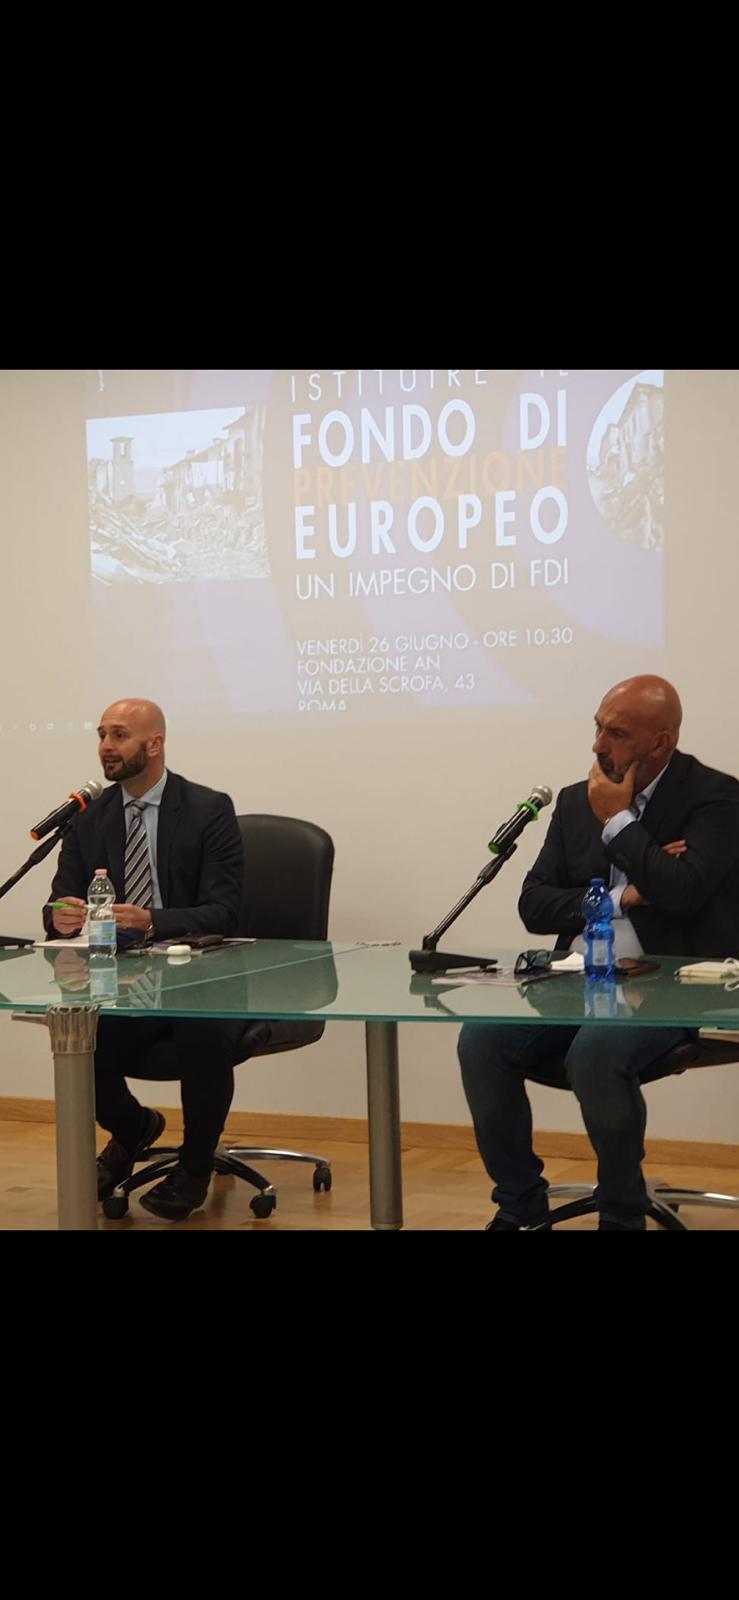 UE: PROPOSTA DI FRATELLI D'ITALIA PER UN FONDO PER LA PREVENZIONE DEI DISASTRIAMBIENTALI